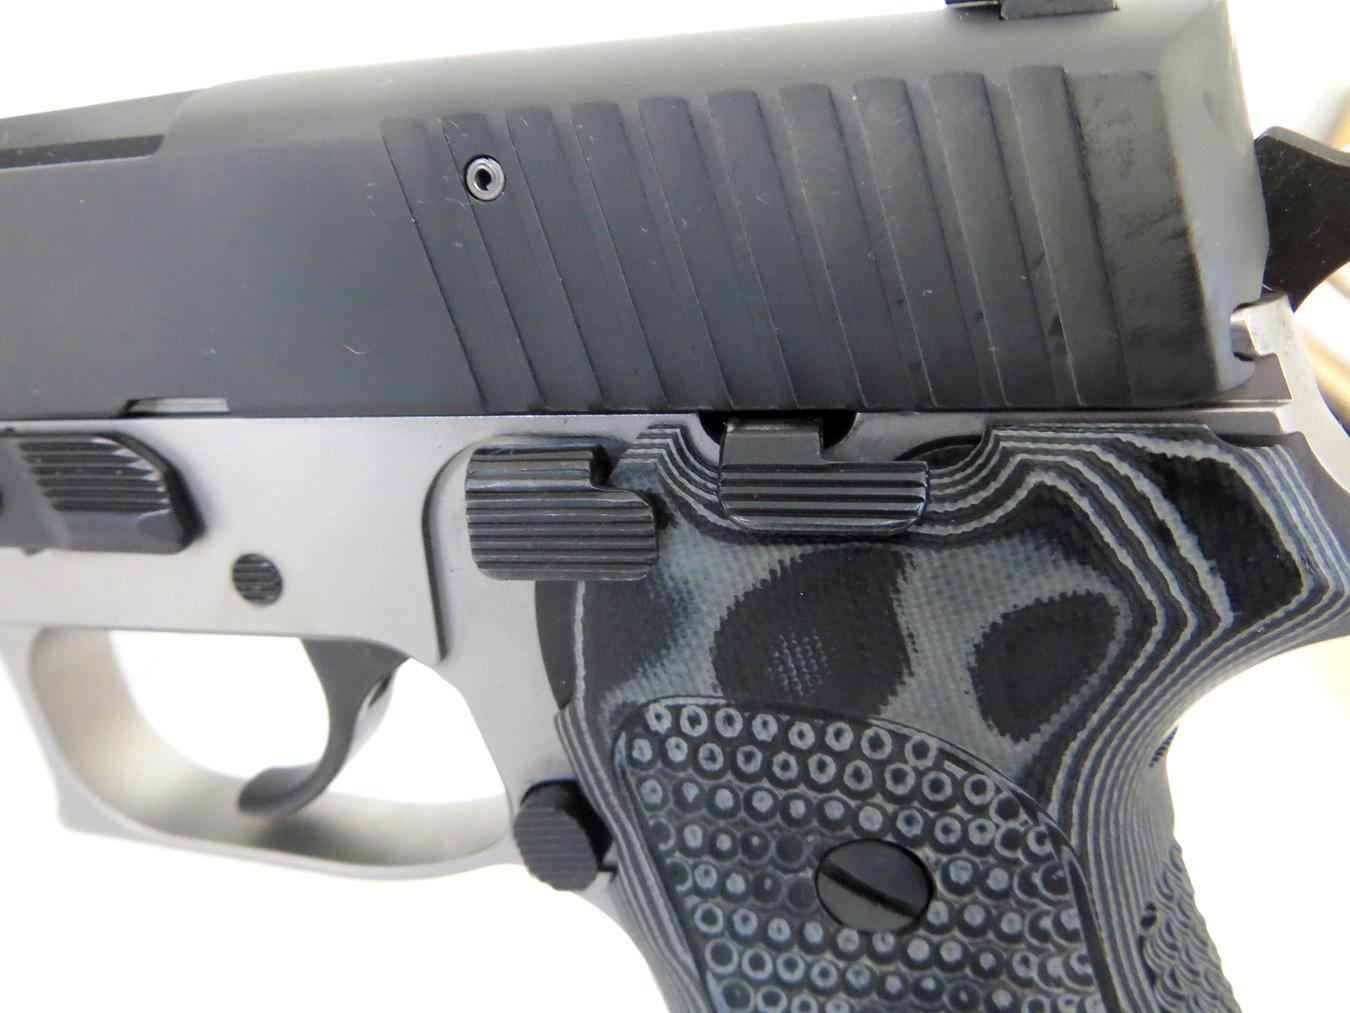 SIG Sauer 10mm pistol's decocking level